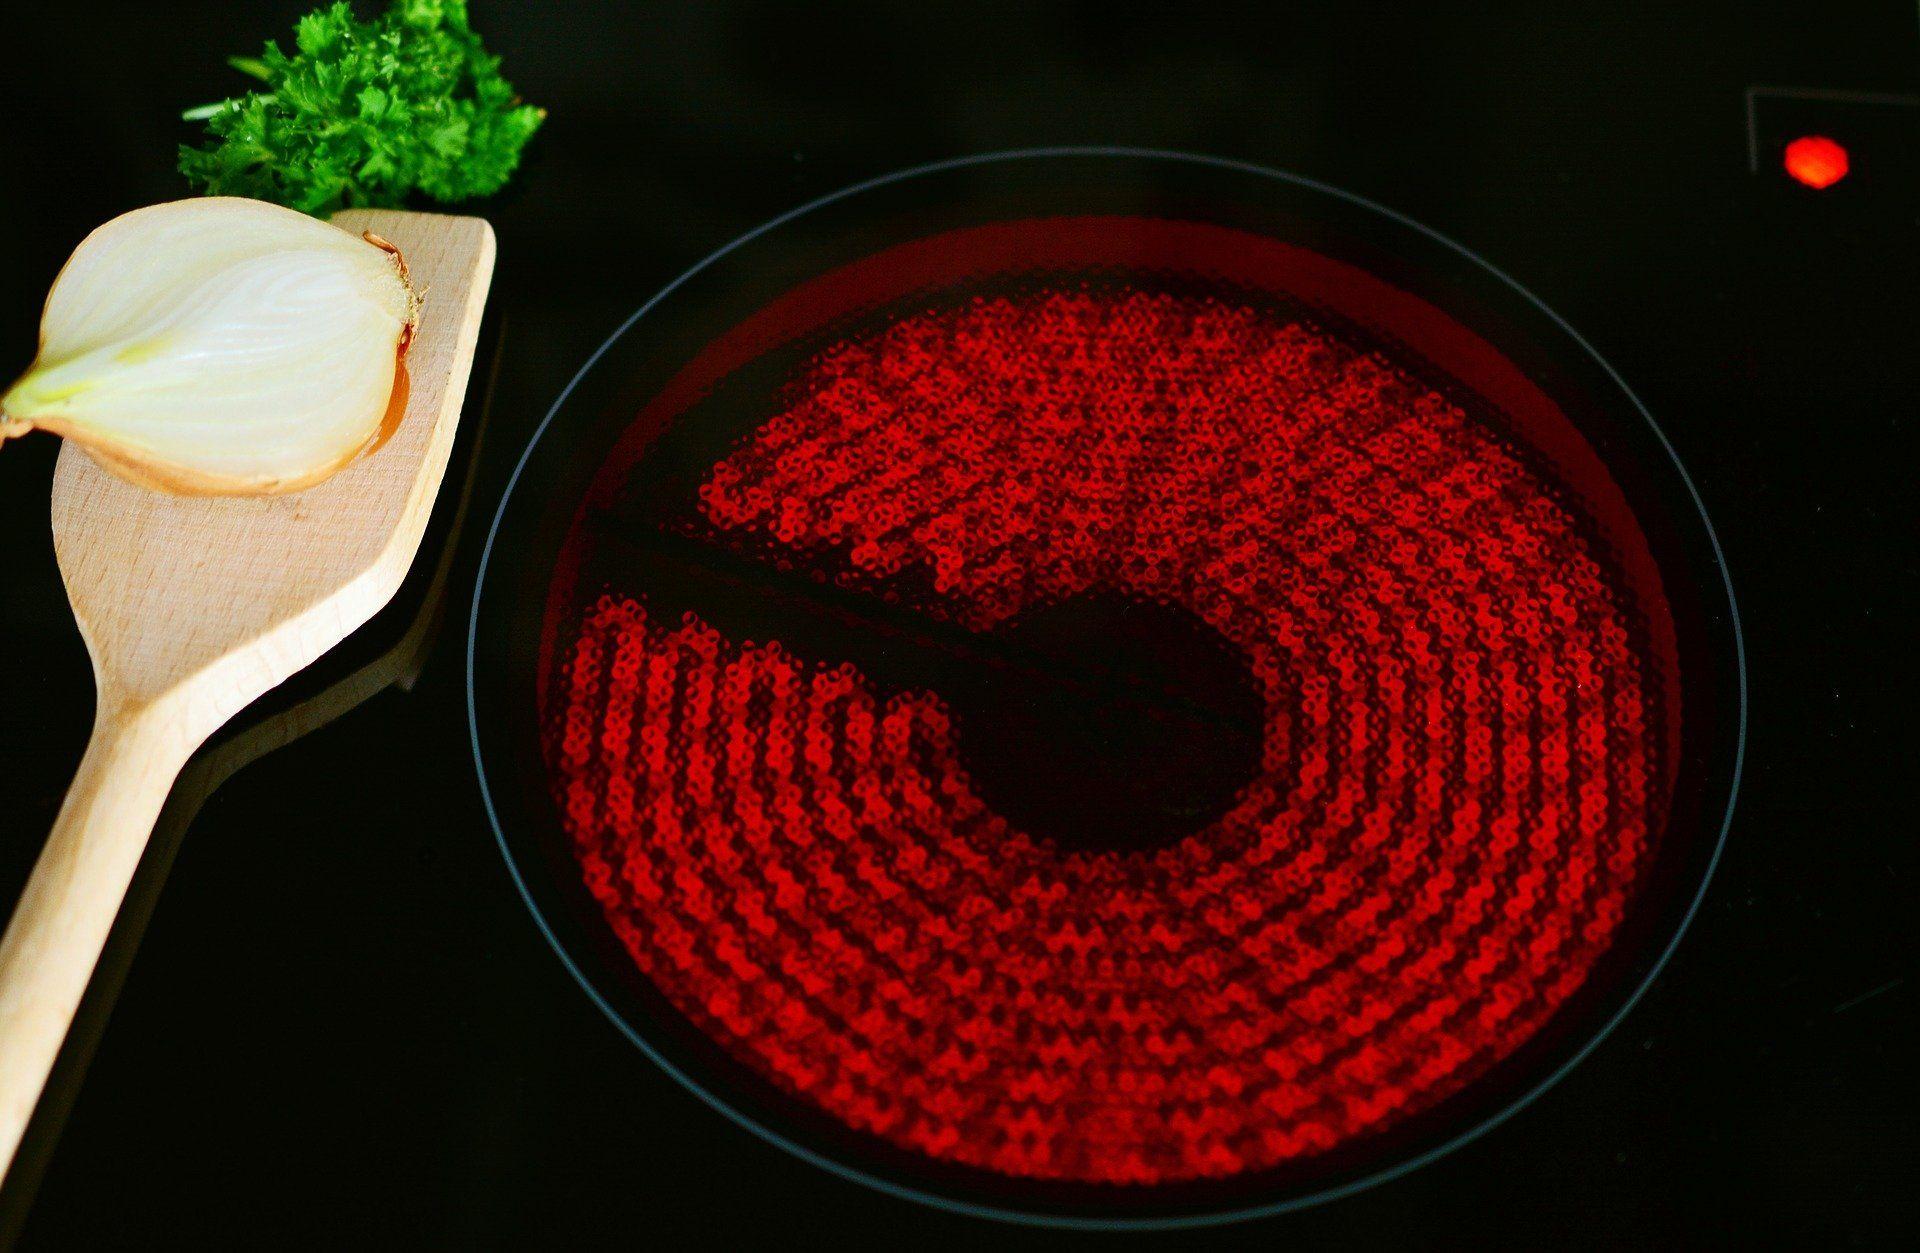 ¿Cómo limpiar bien la vitrocerámica? Según Vitroceramicas.top